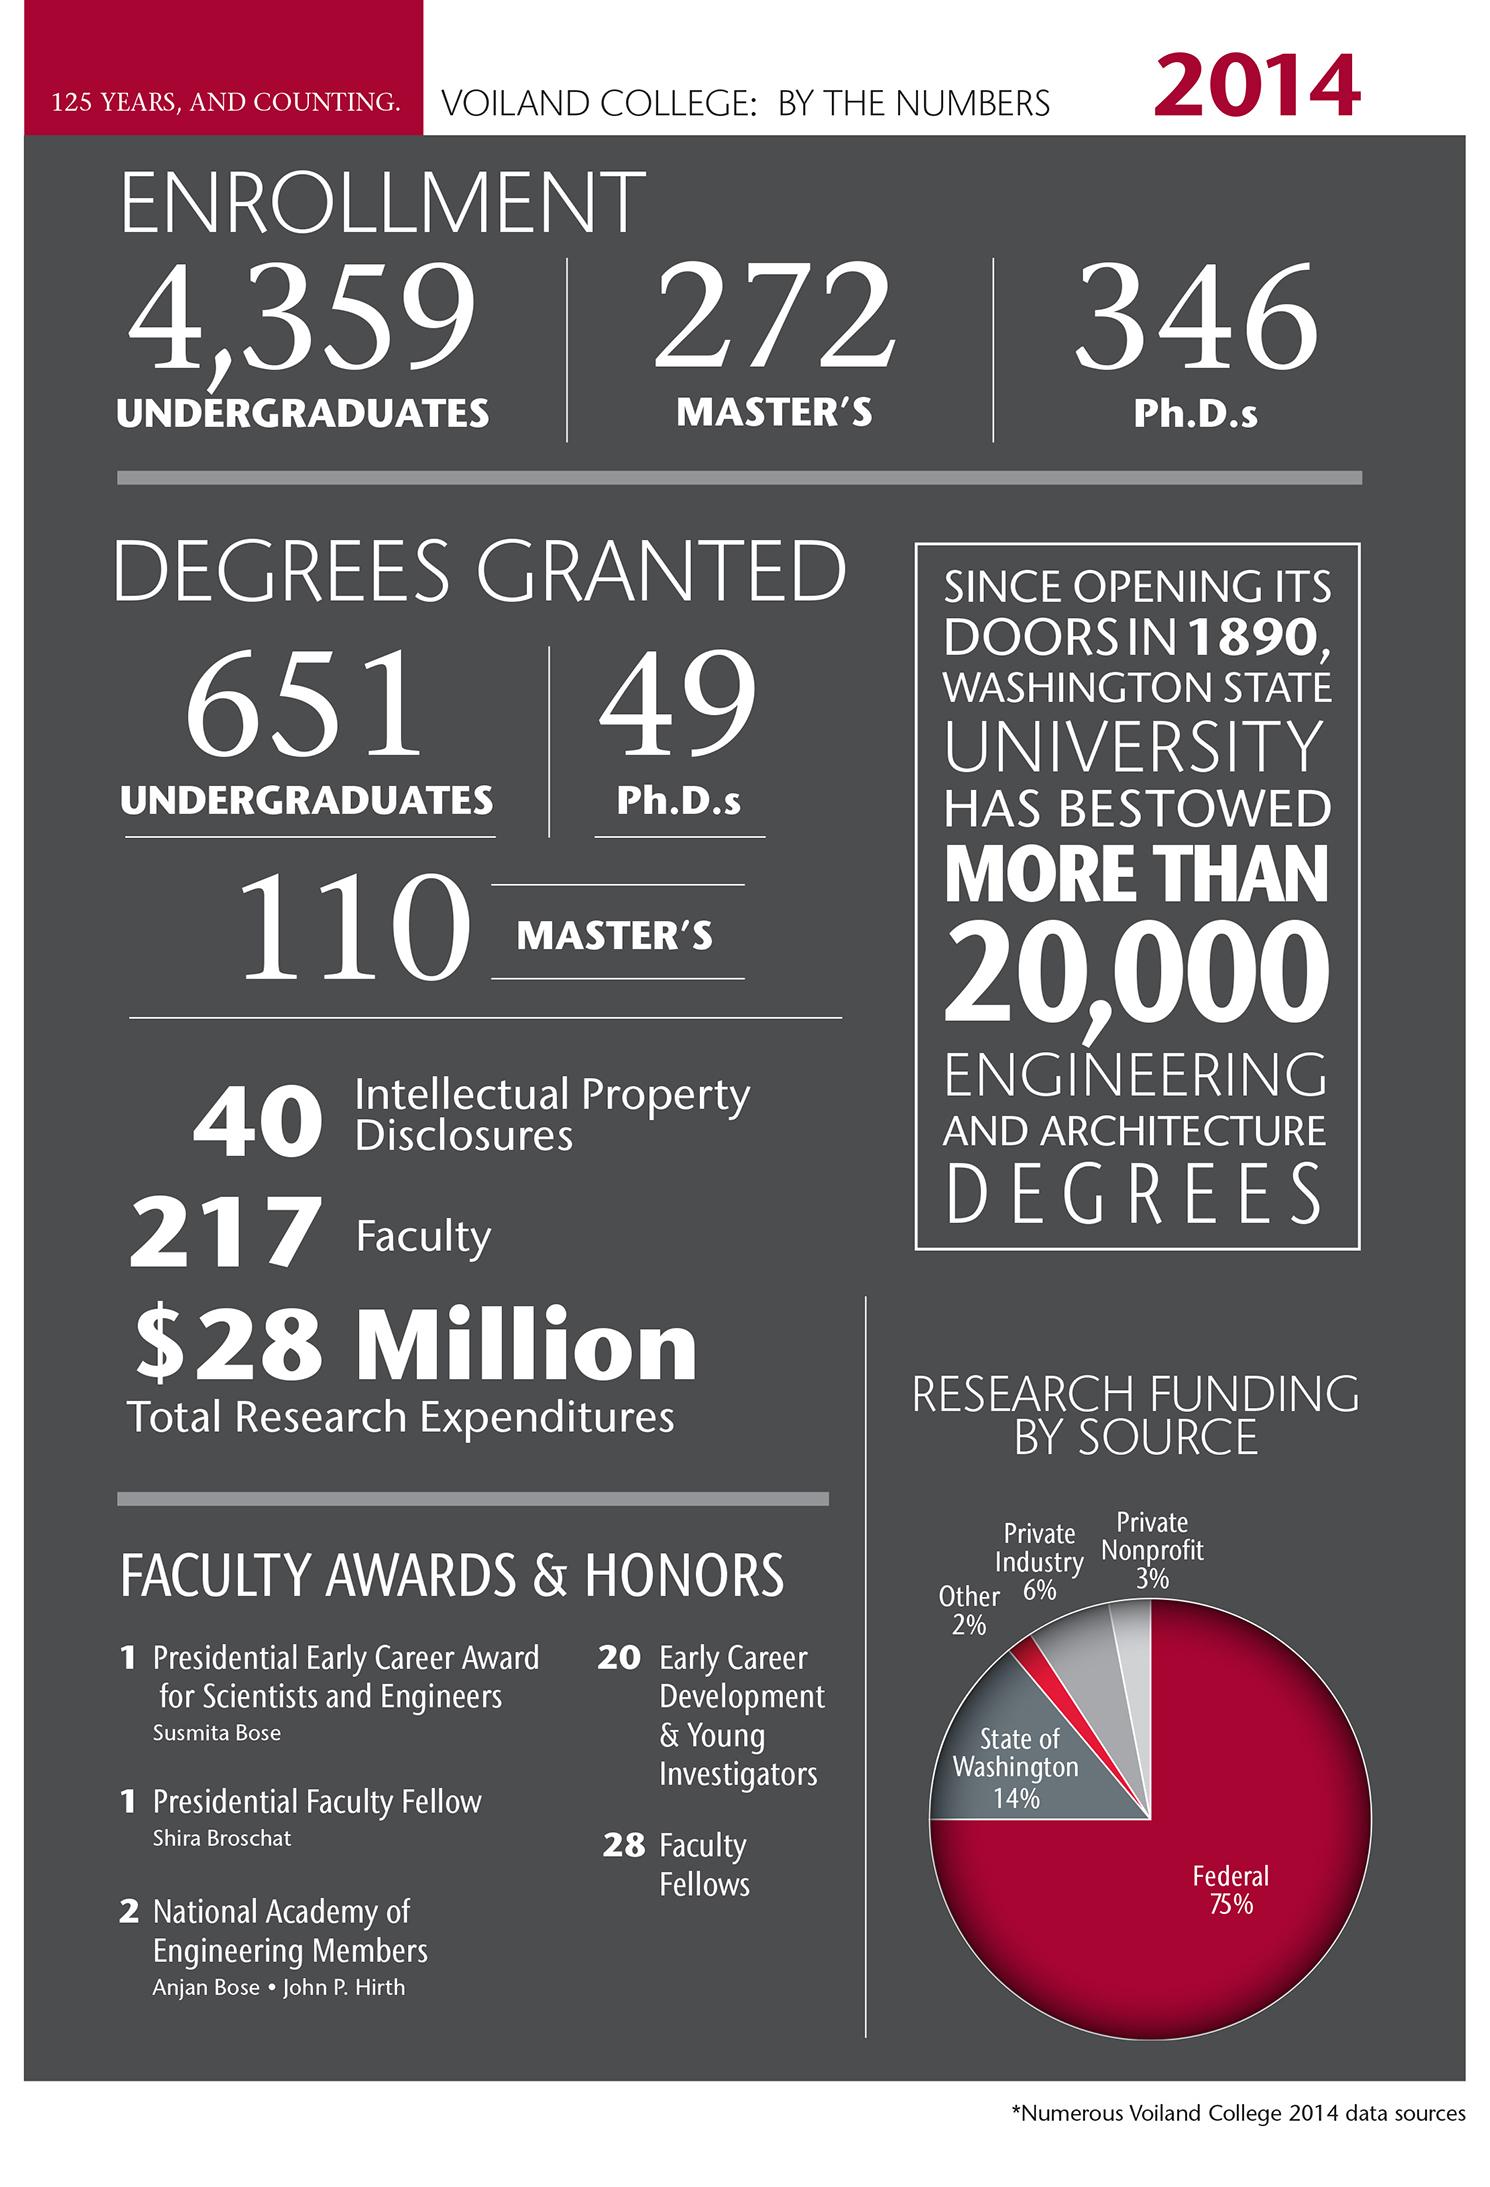 2014 Voiland College statistics infographic